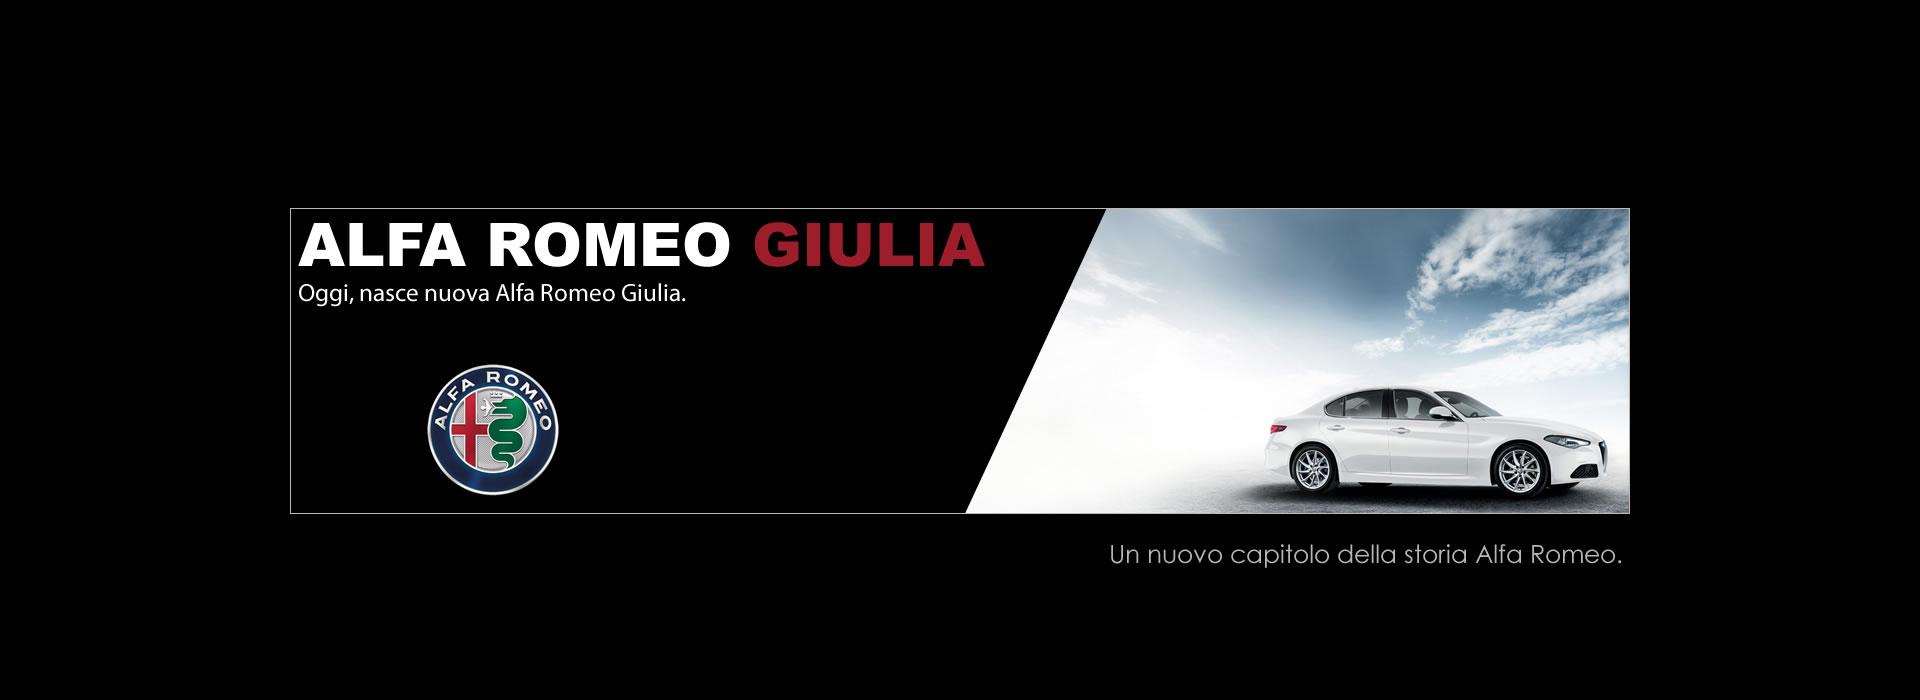 Alfa_Romeo_Tamburini_Auto-1